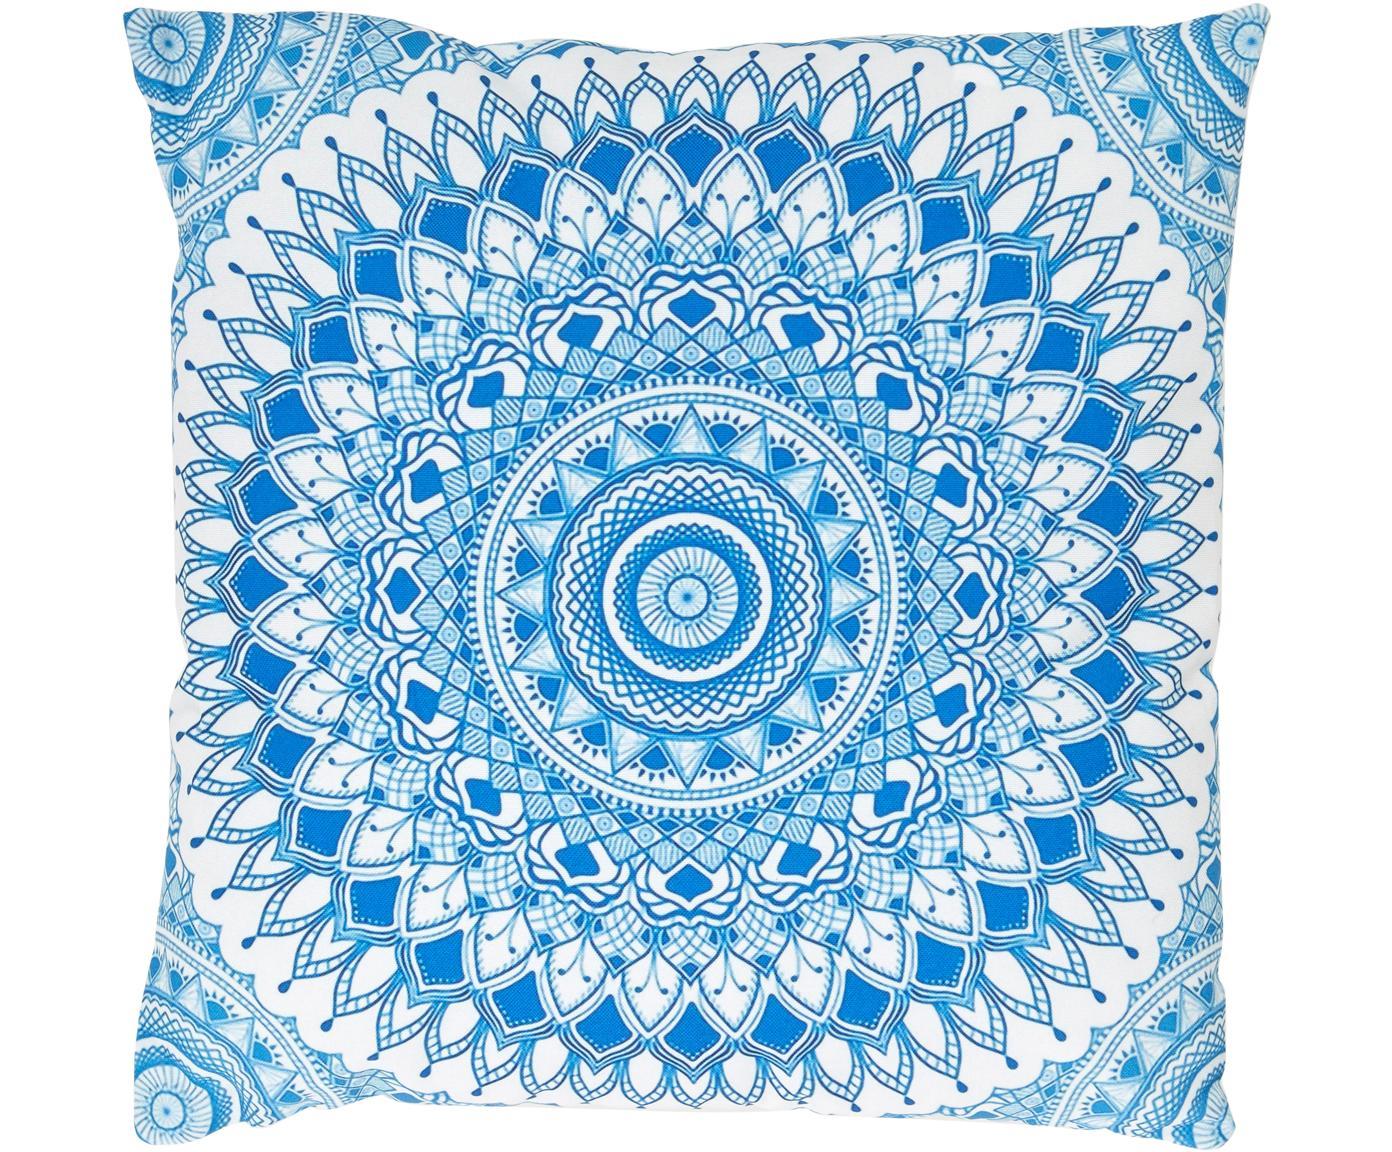 Cuscino imbottito da esterni Casia, Poliestere, Bianco, tonalità blu, Larg. 45 x Lung. 45 cm